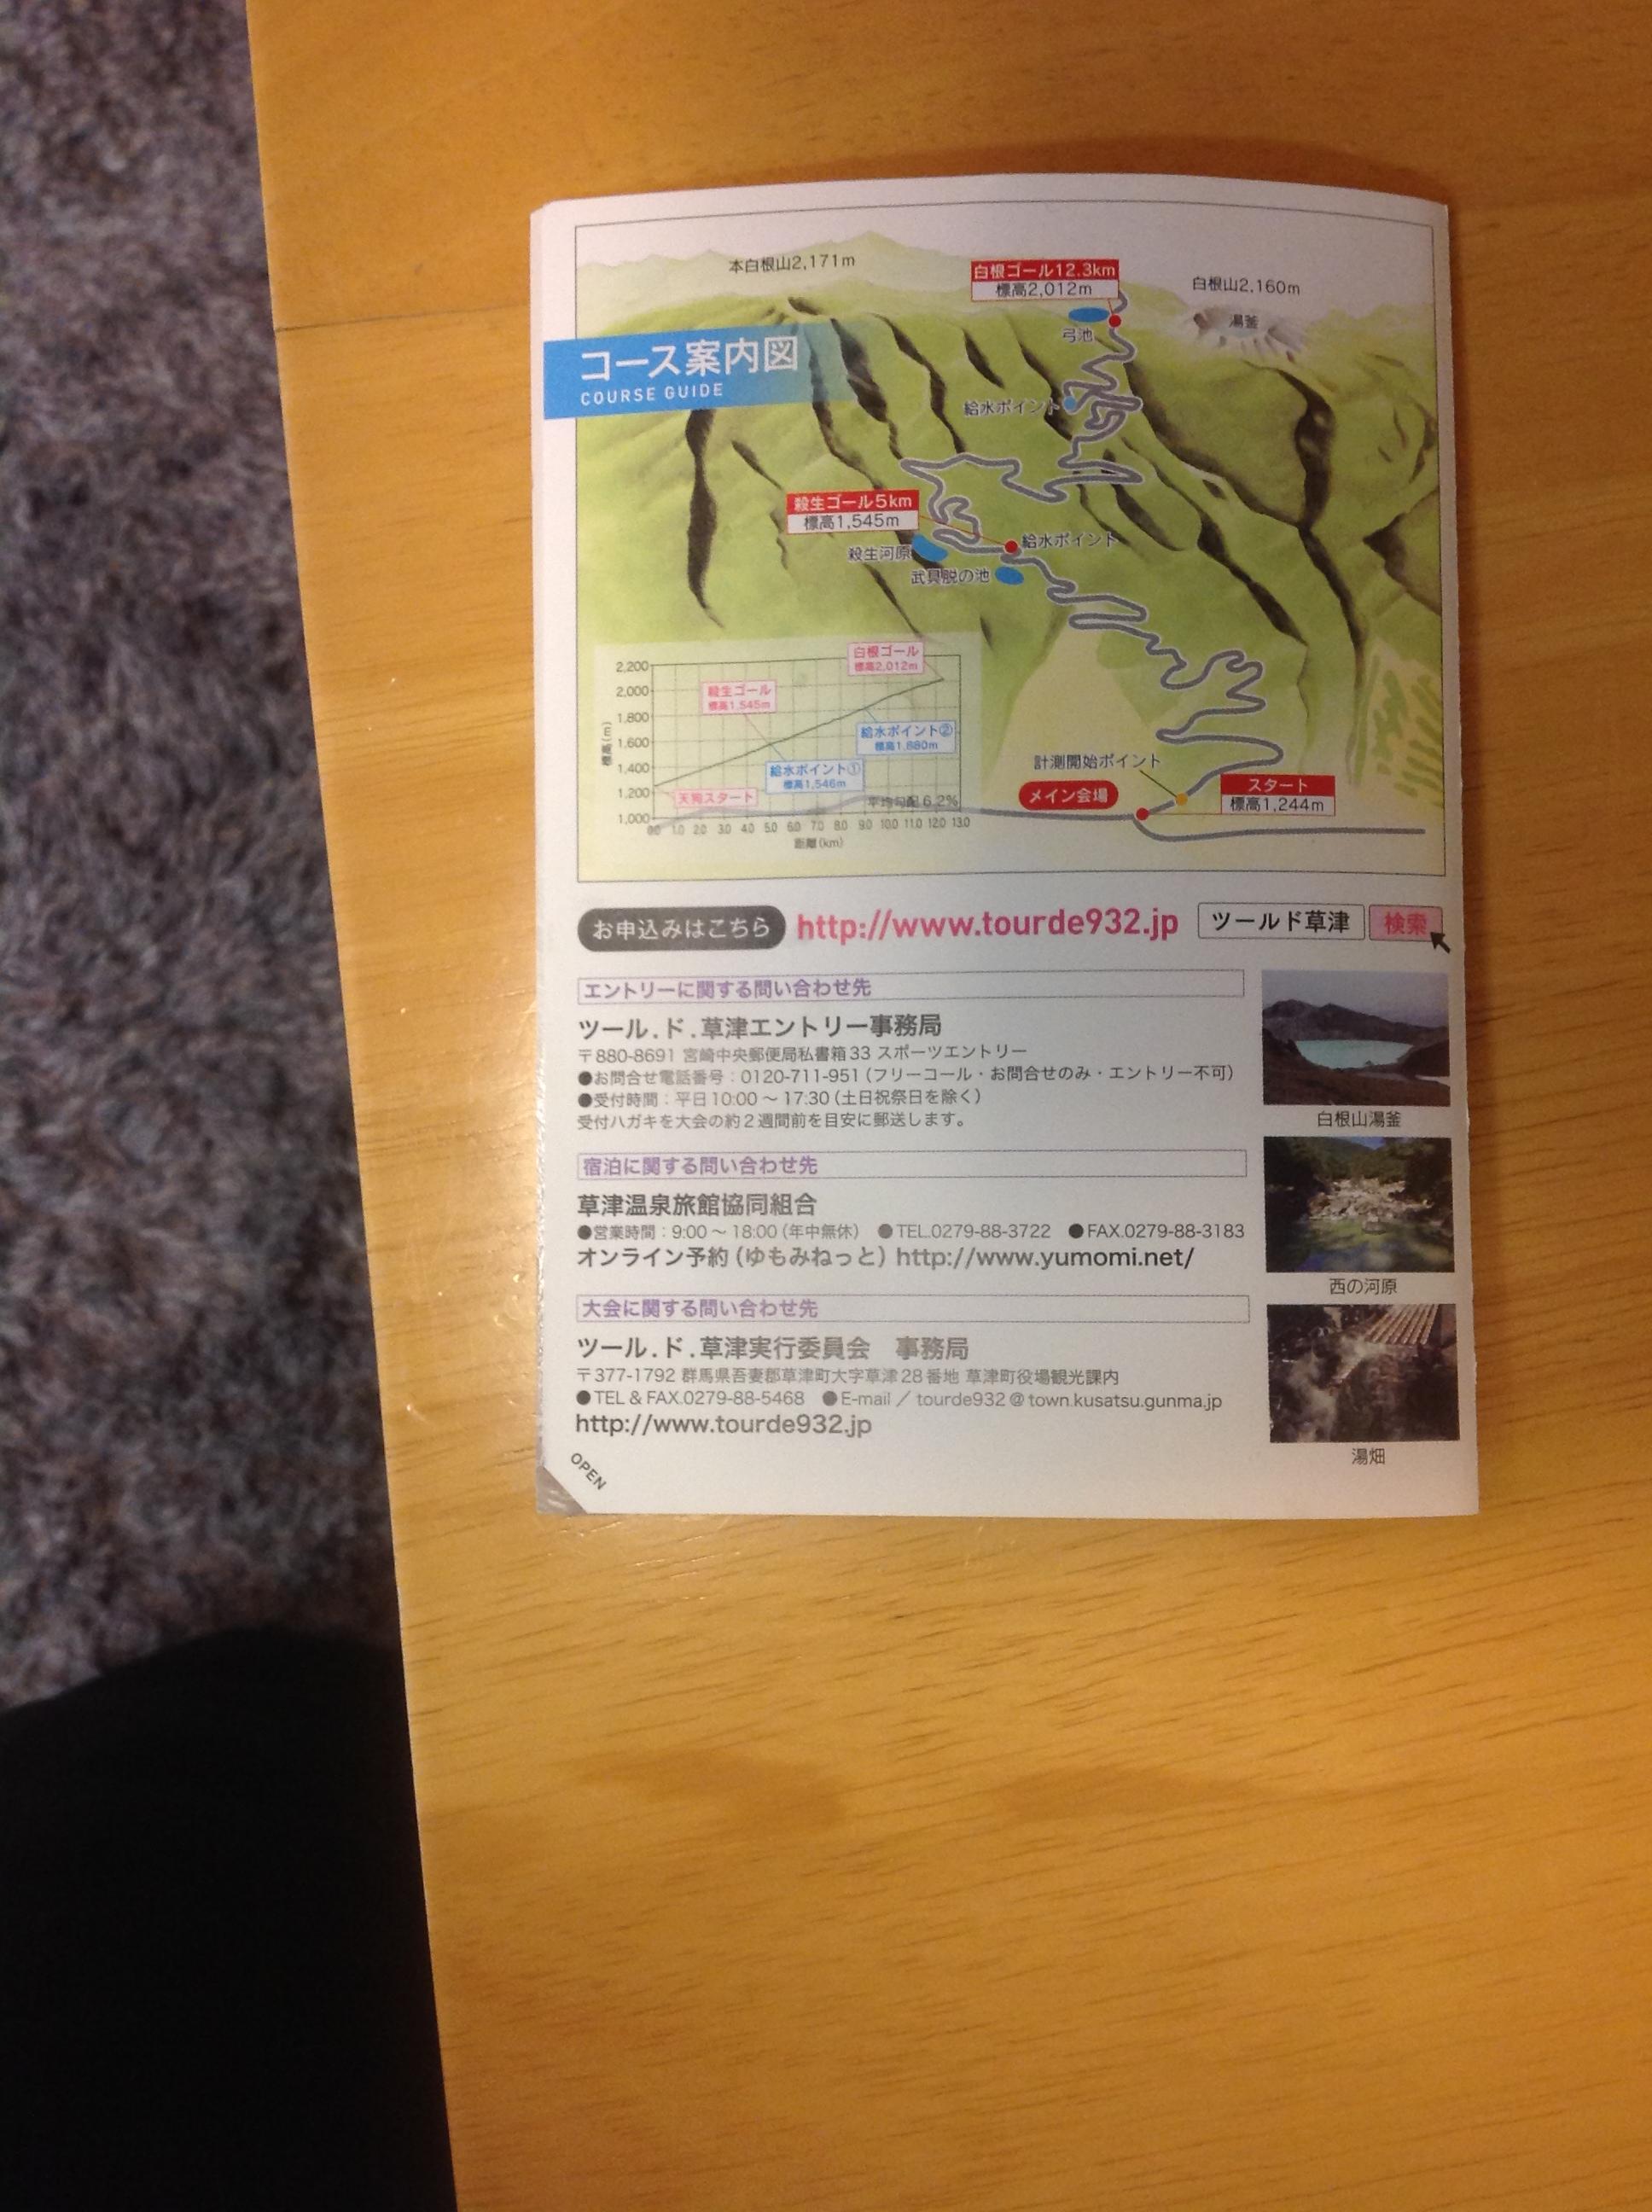 20131223ツールド草津案内③